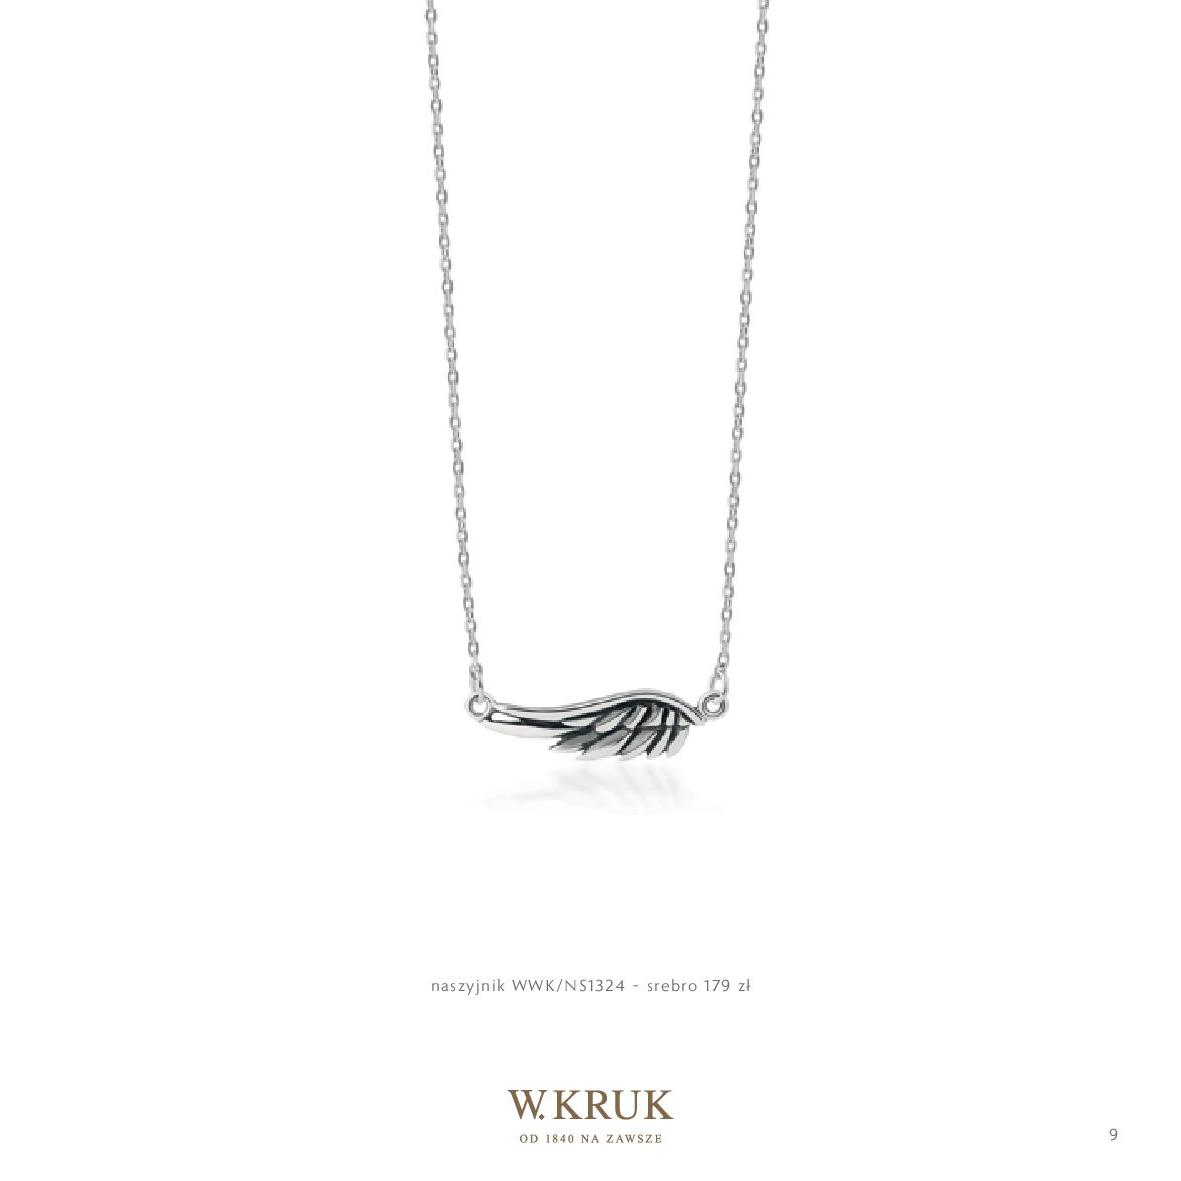 Gazetka W. KRUK: Katalog - Kolekcja Freedom 2021-02-17 page-11